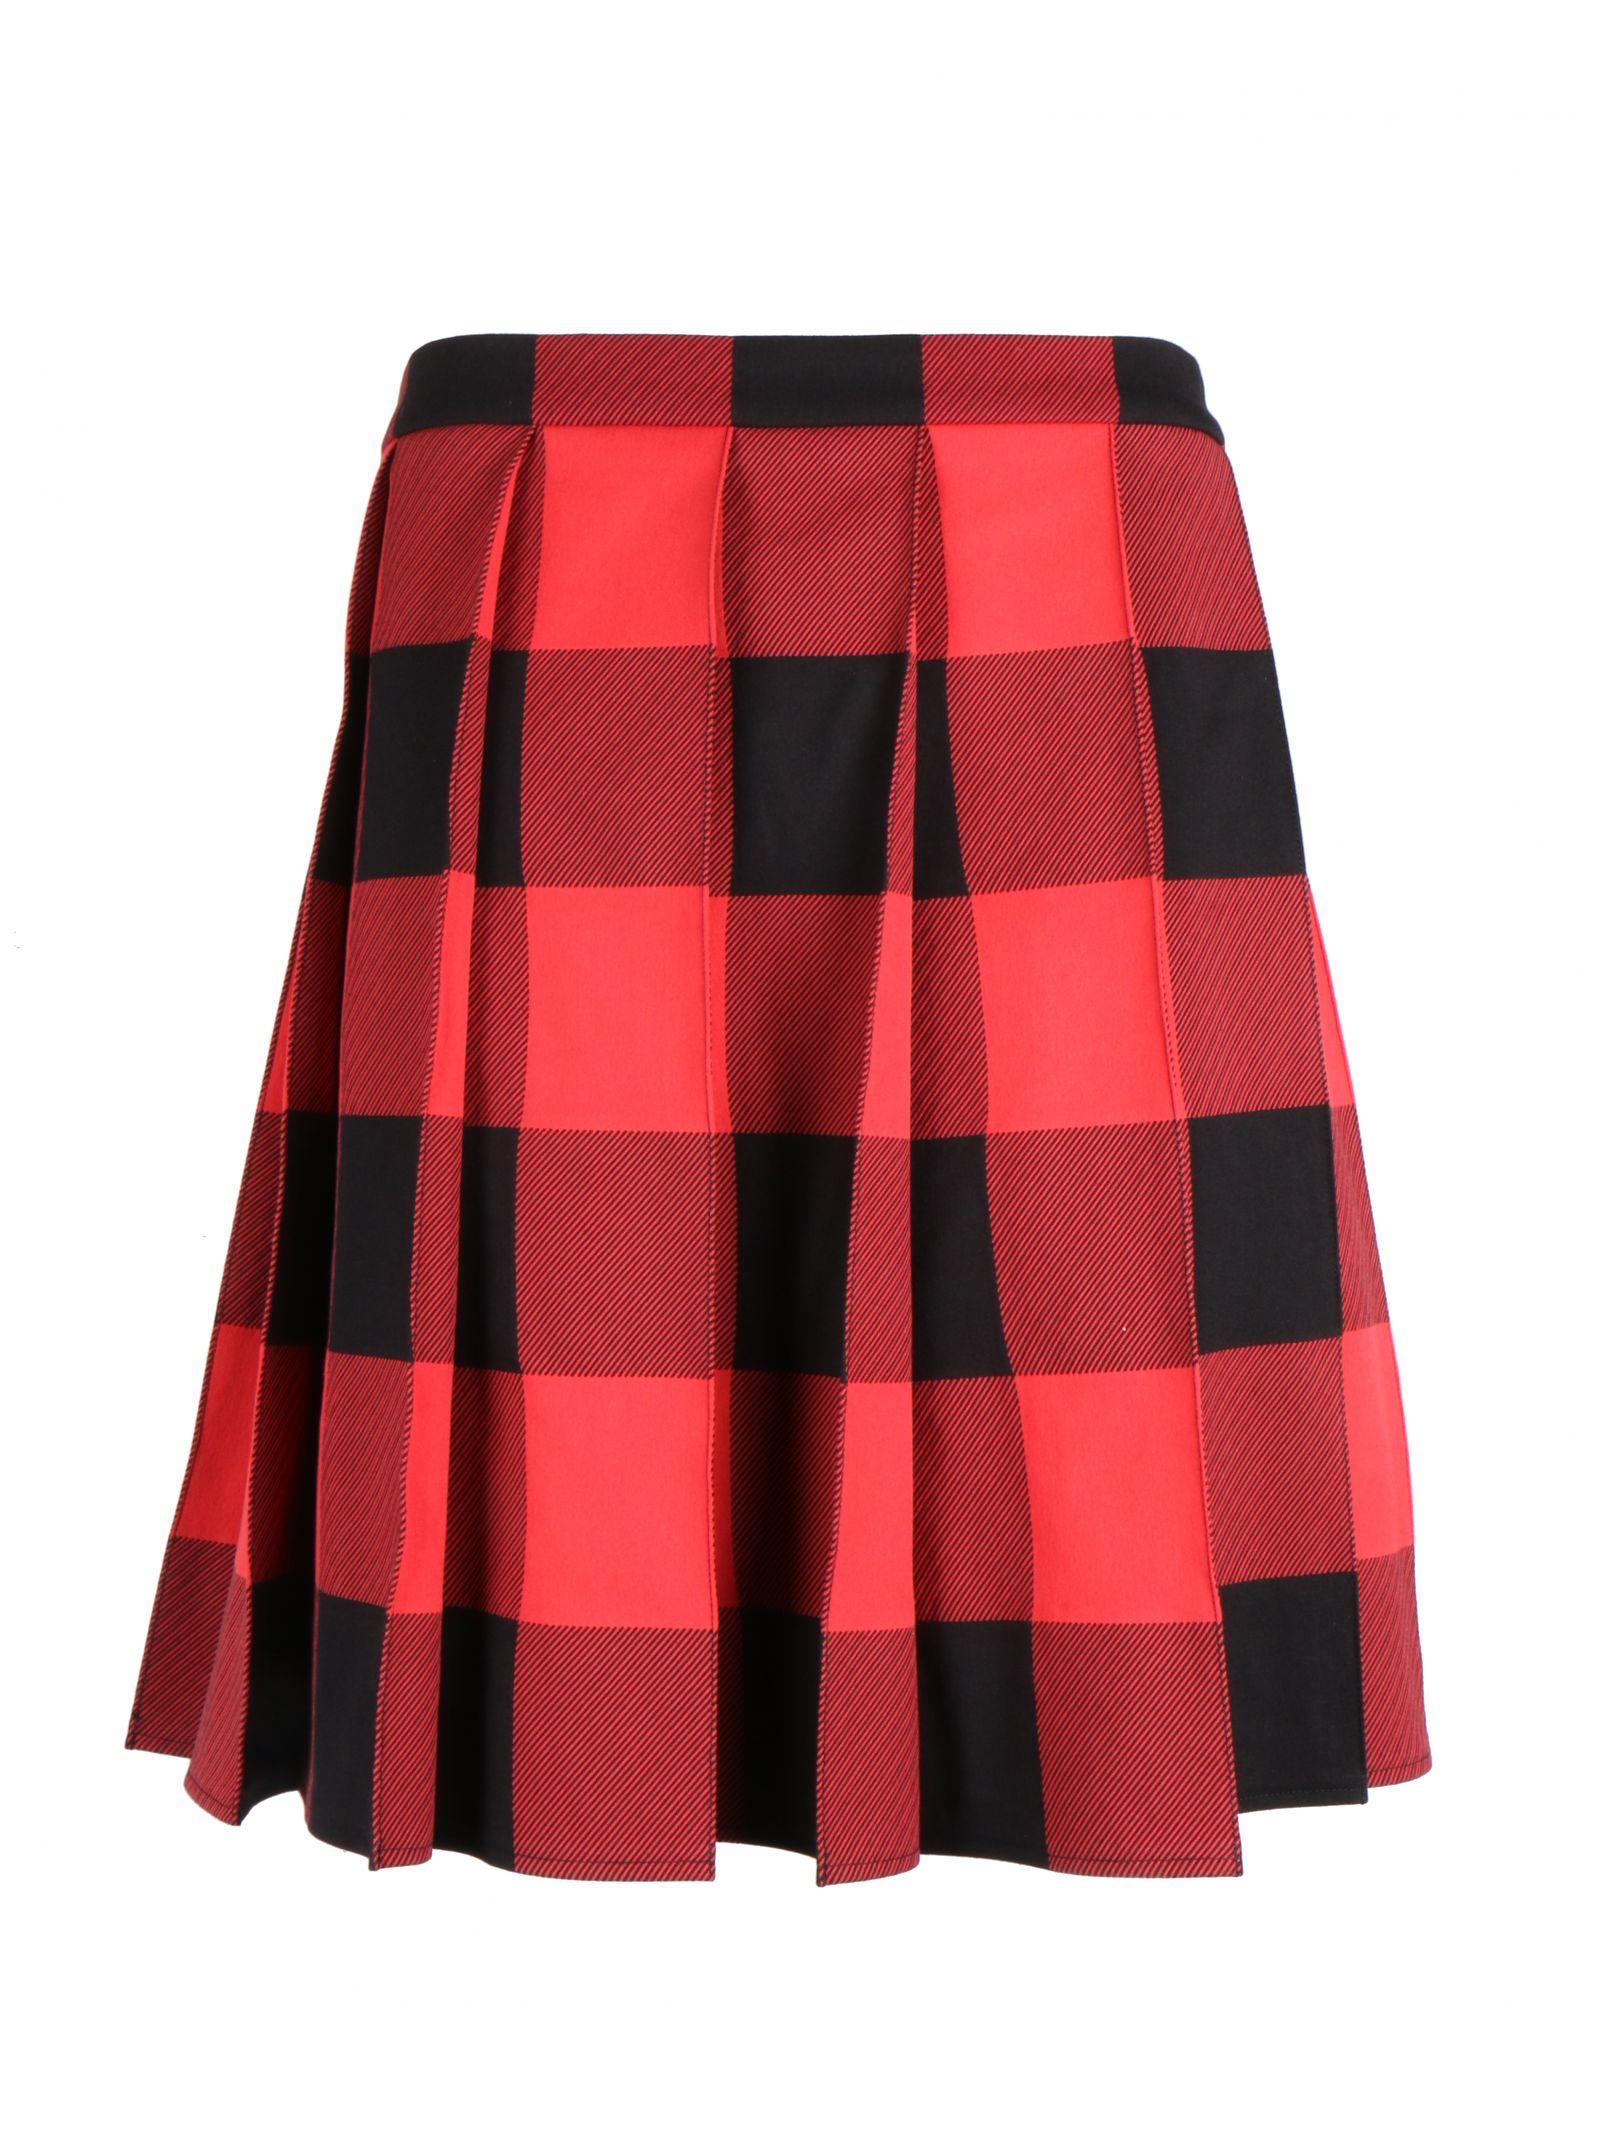 Balenciaga Skirt - Balenciaga - Civico 9